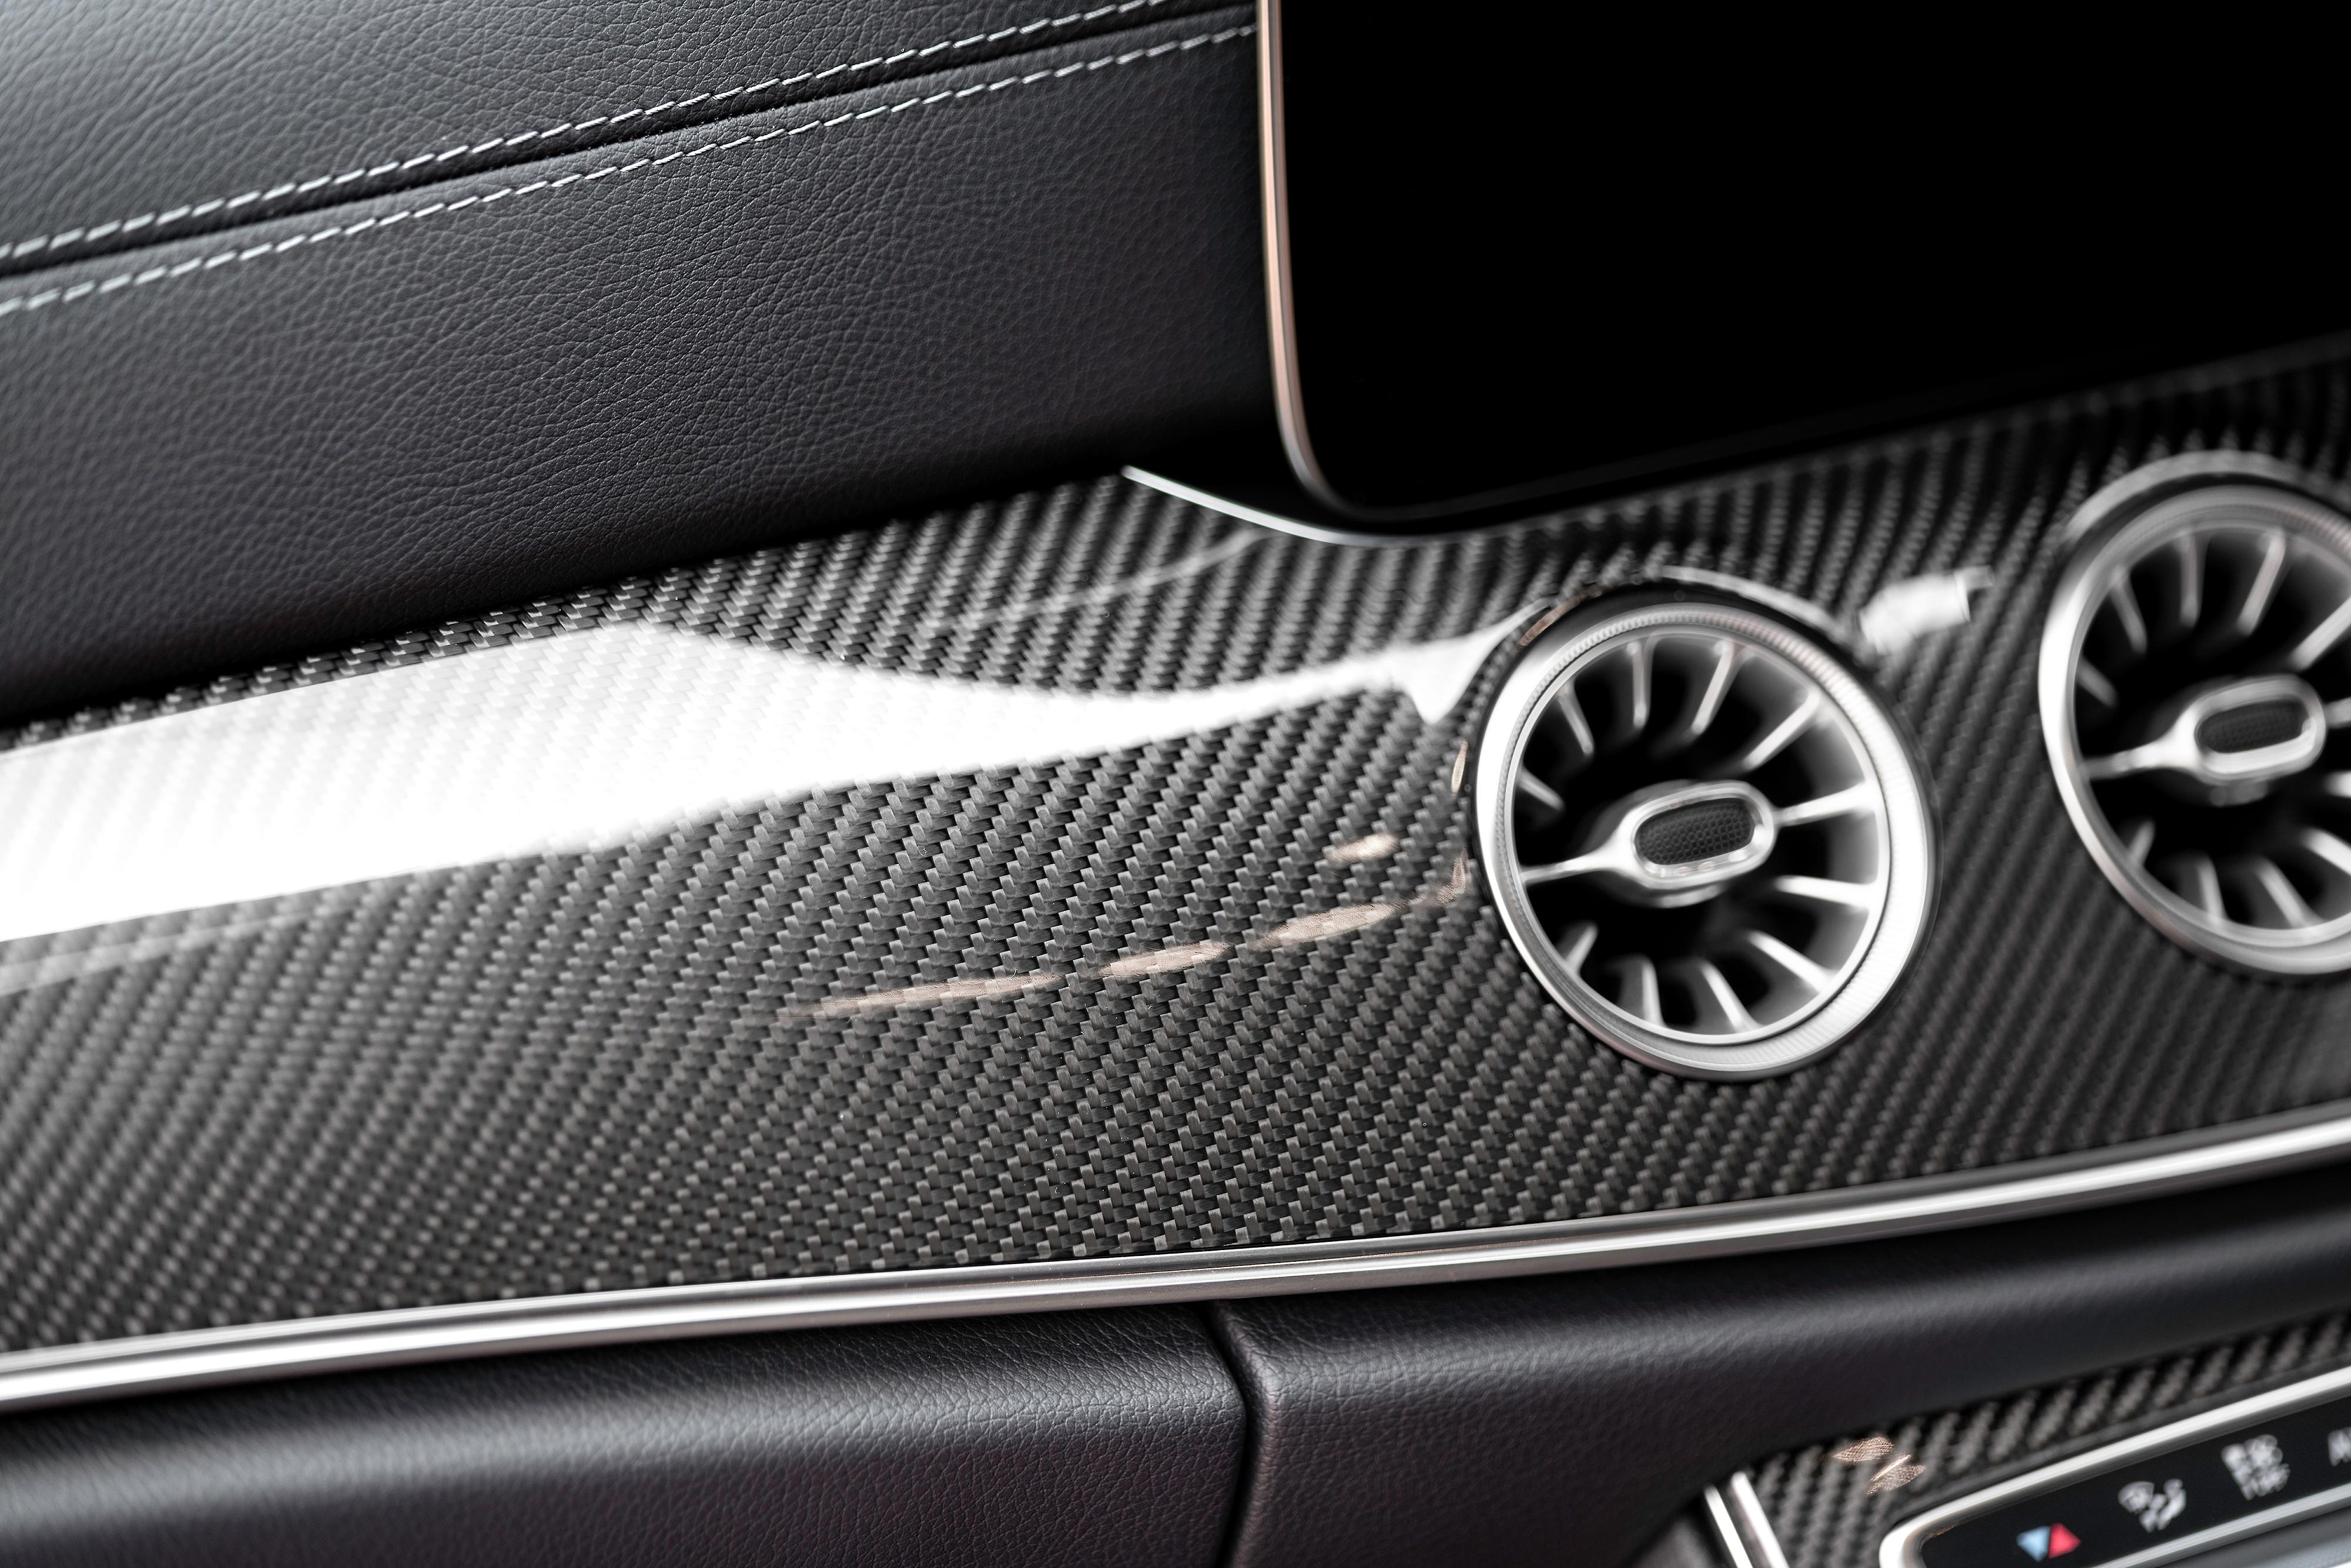 e-class carbon fiber interior trim